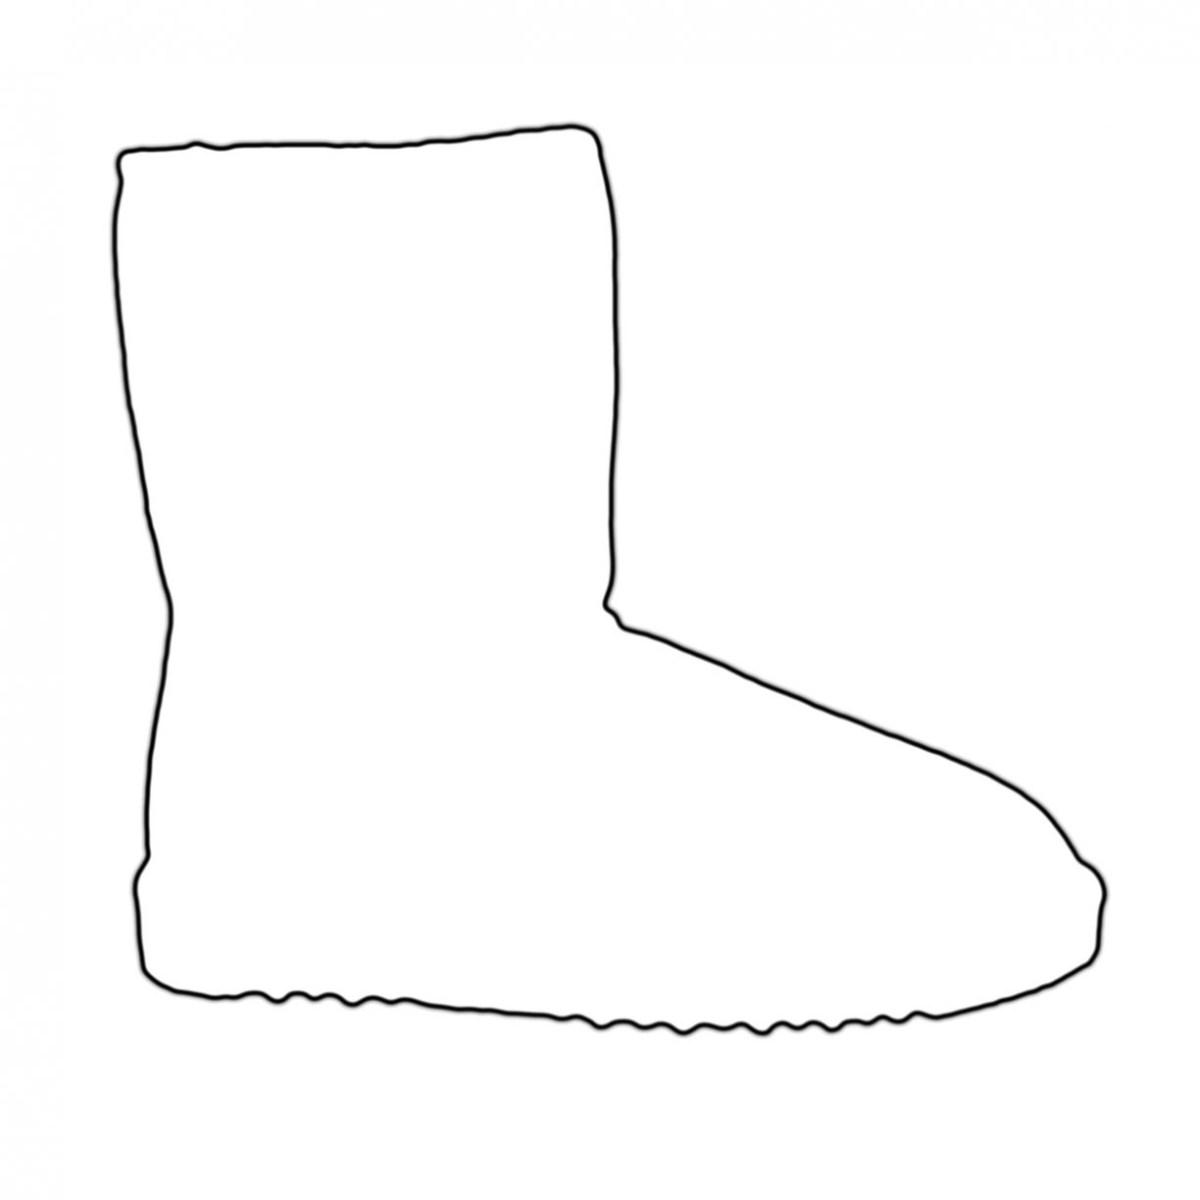 Winter Boots Coloring Page | Kleurplaten, Knutselen peuters, Regenlaarzen | 1200x1200